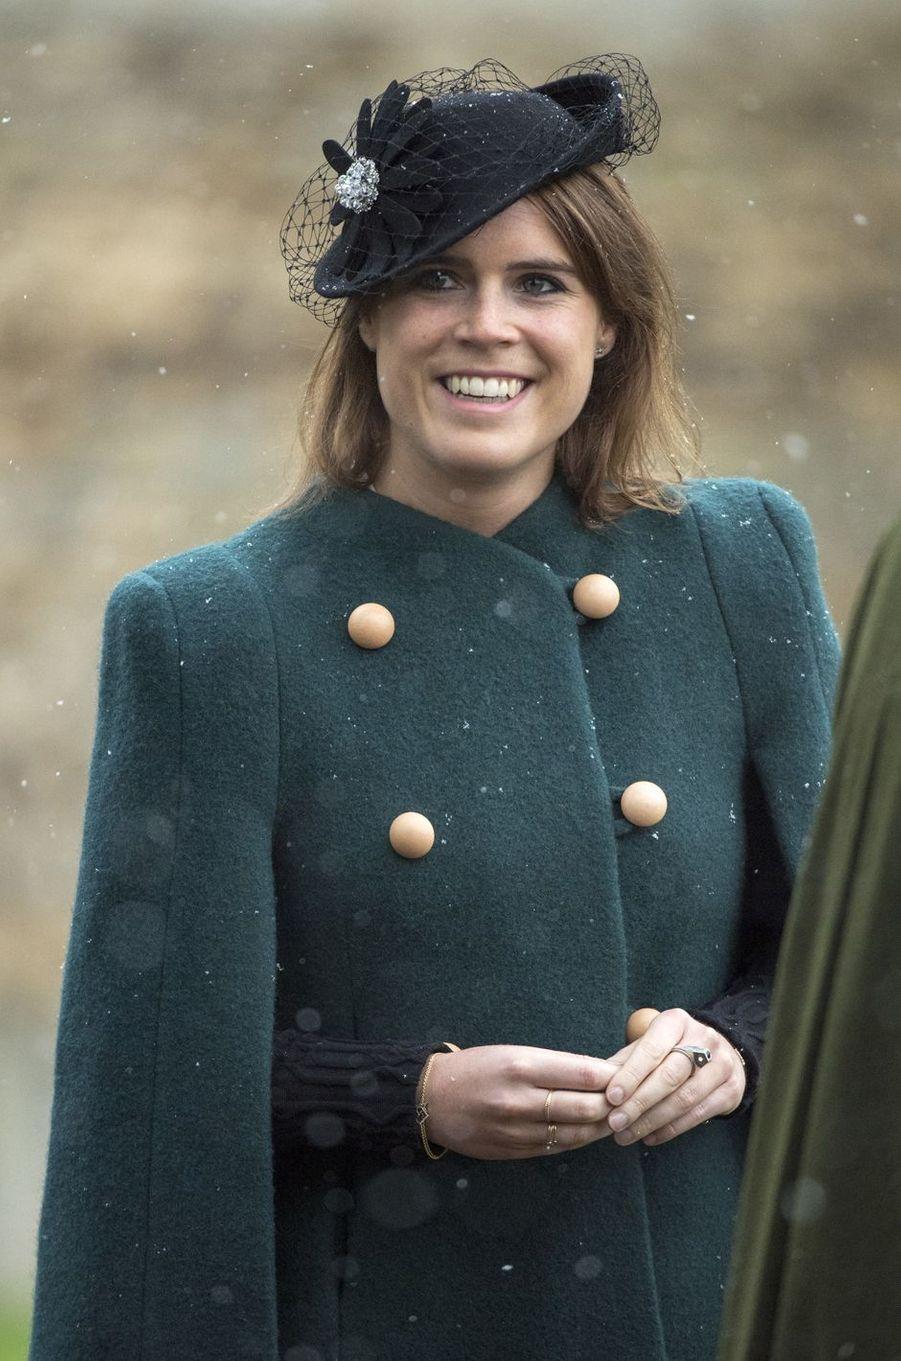 La princesse Eugenie d'York à Castle Rising, le 21 janvier 2018